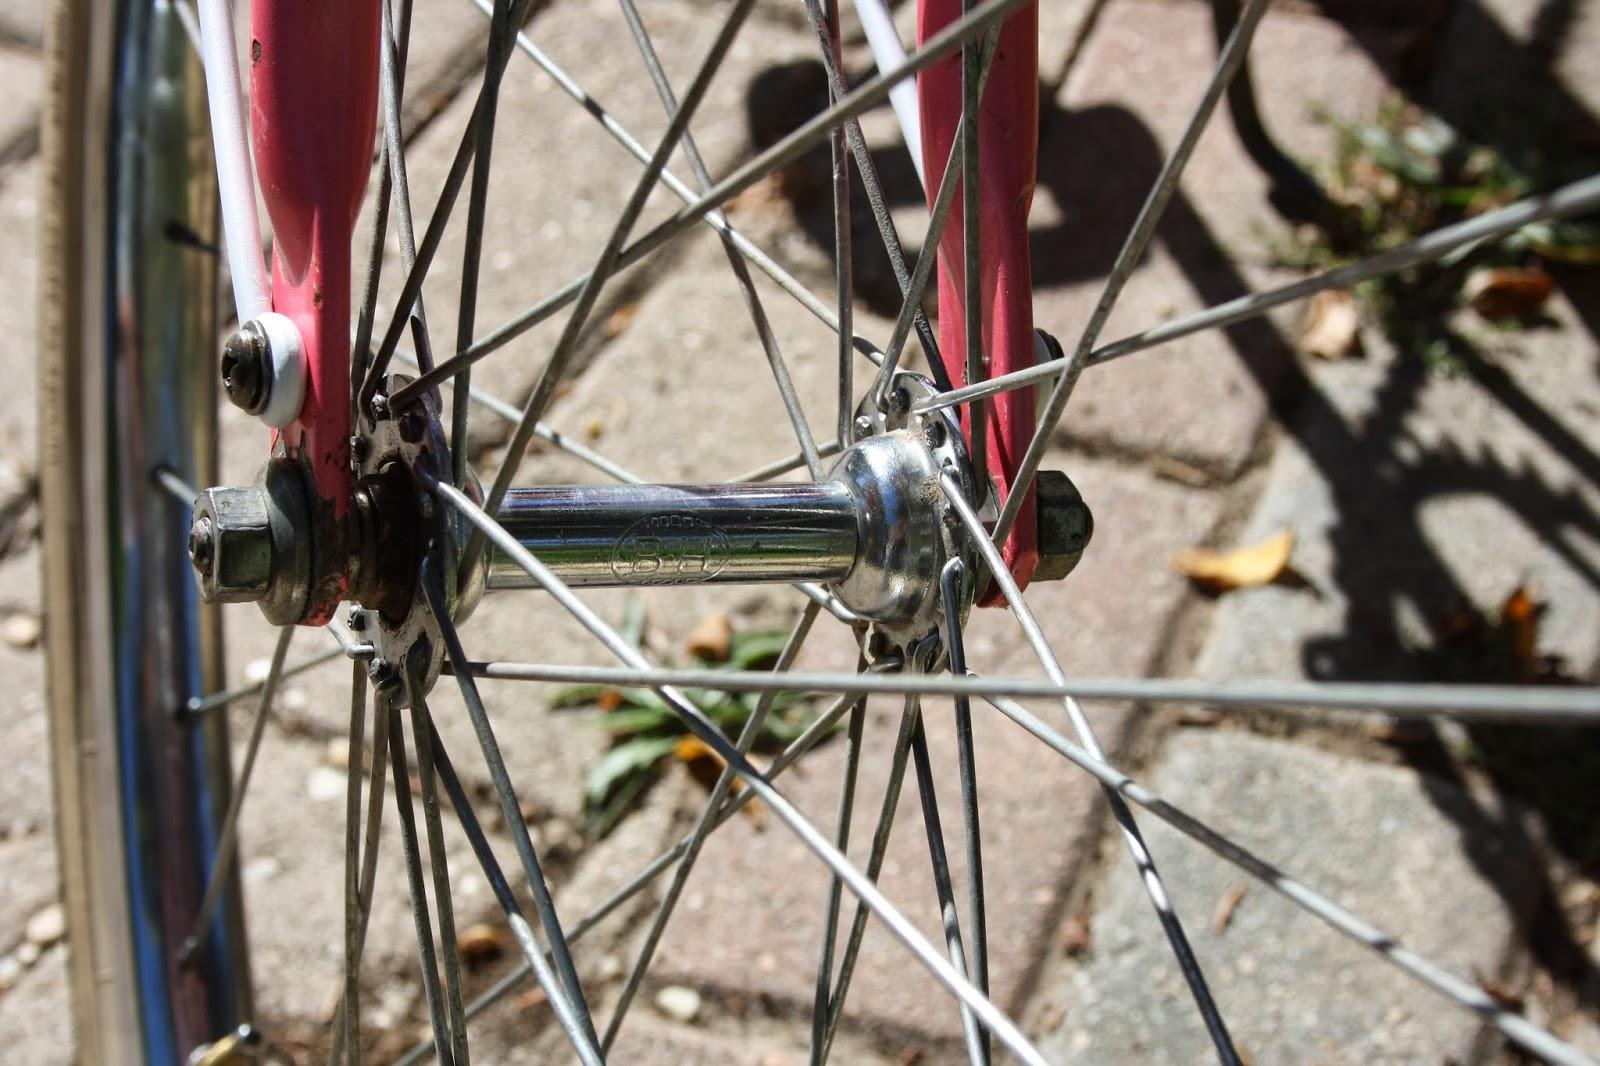 De varillas bicicleta bh bolero 1986 - Anclaje para bicicletas ...